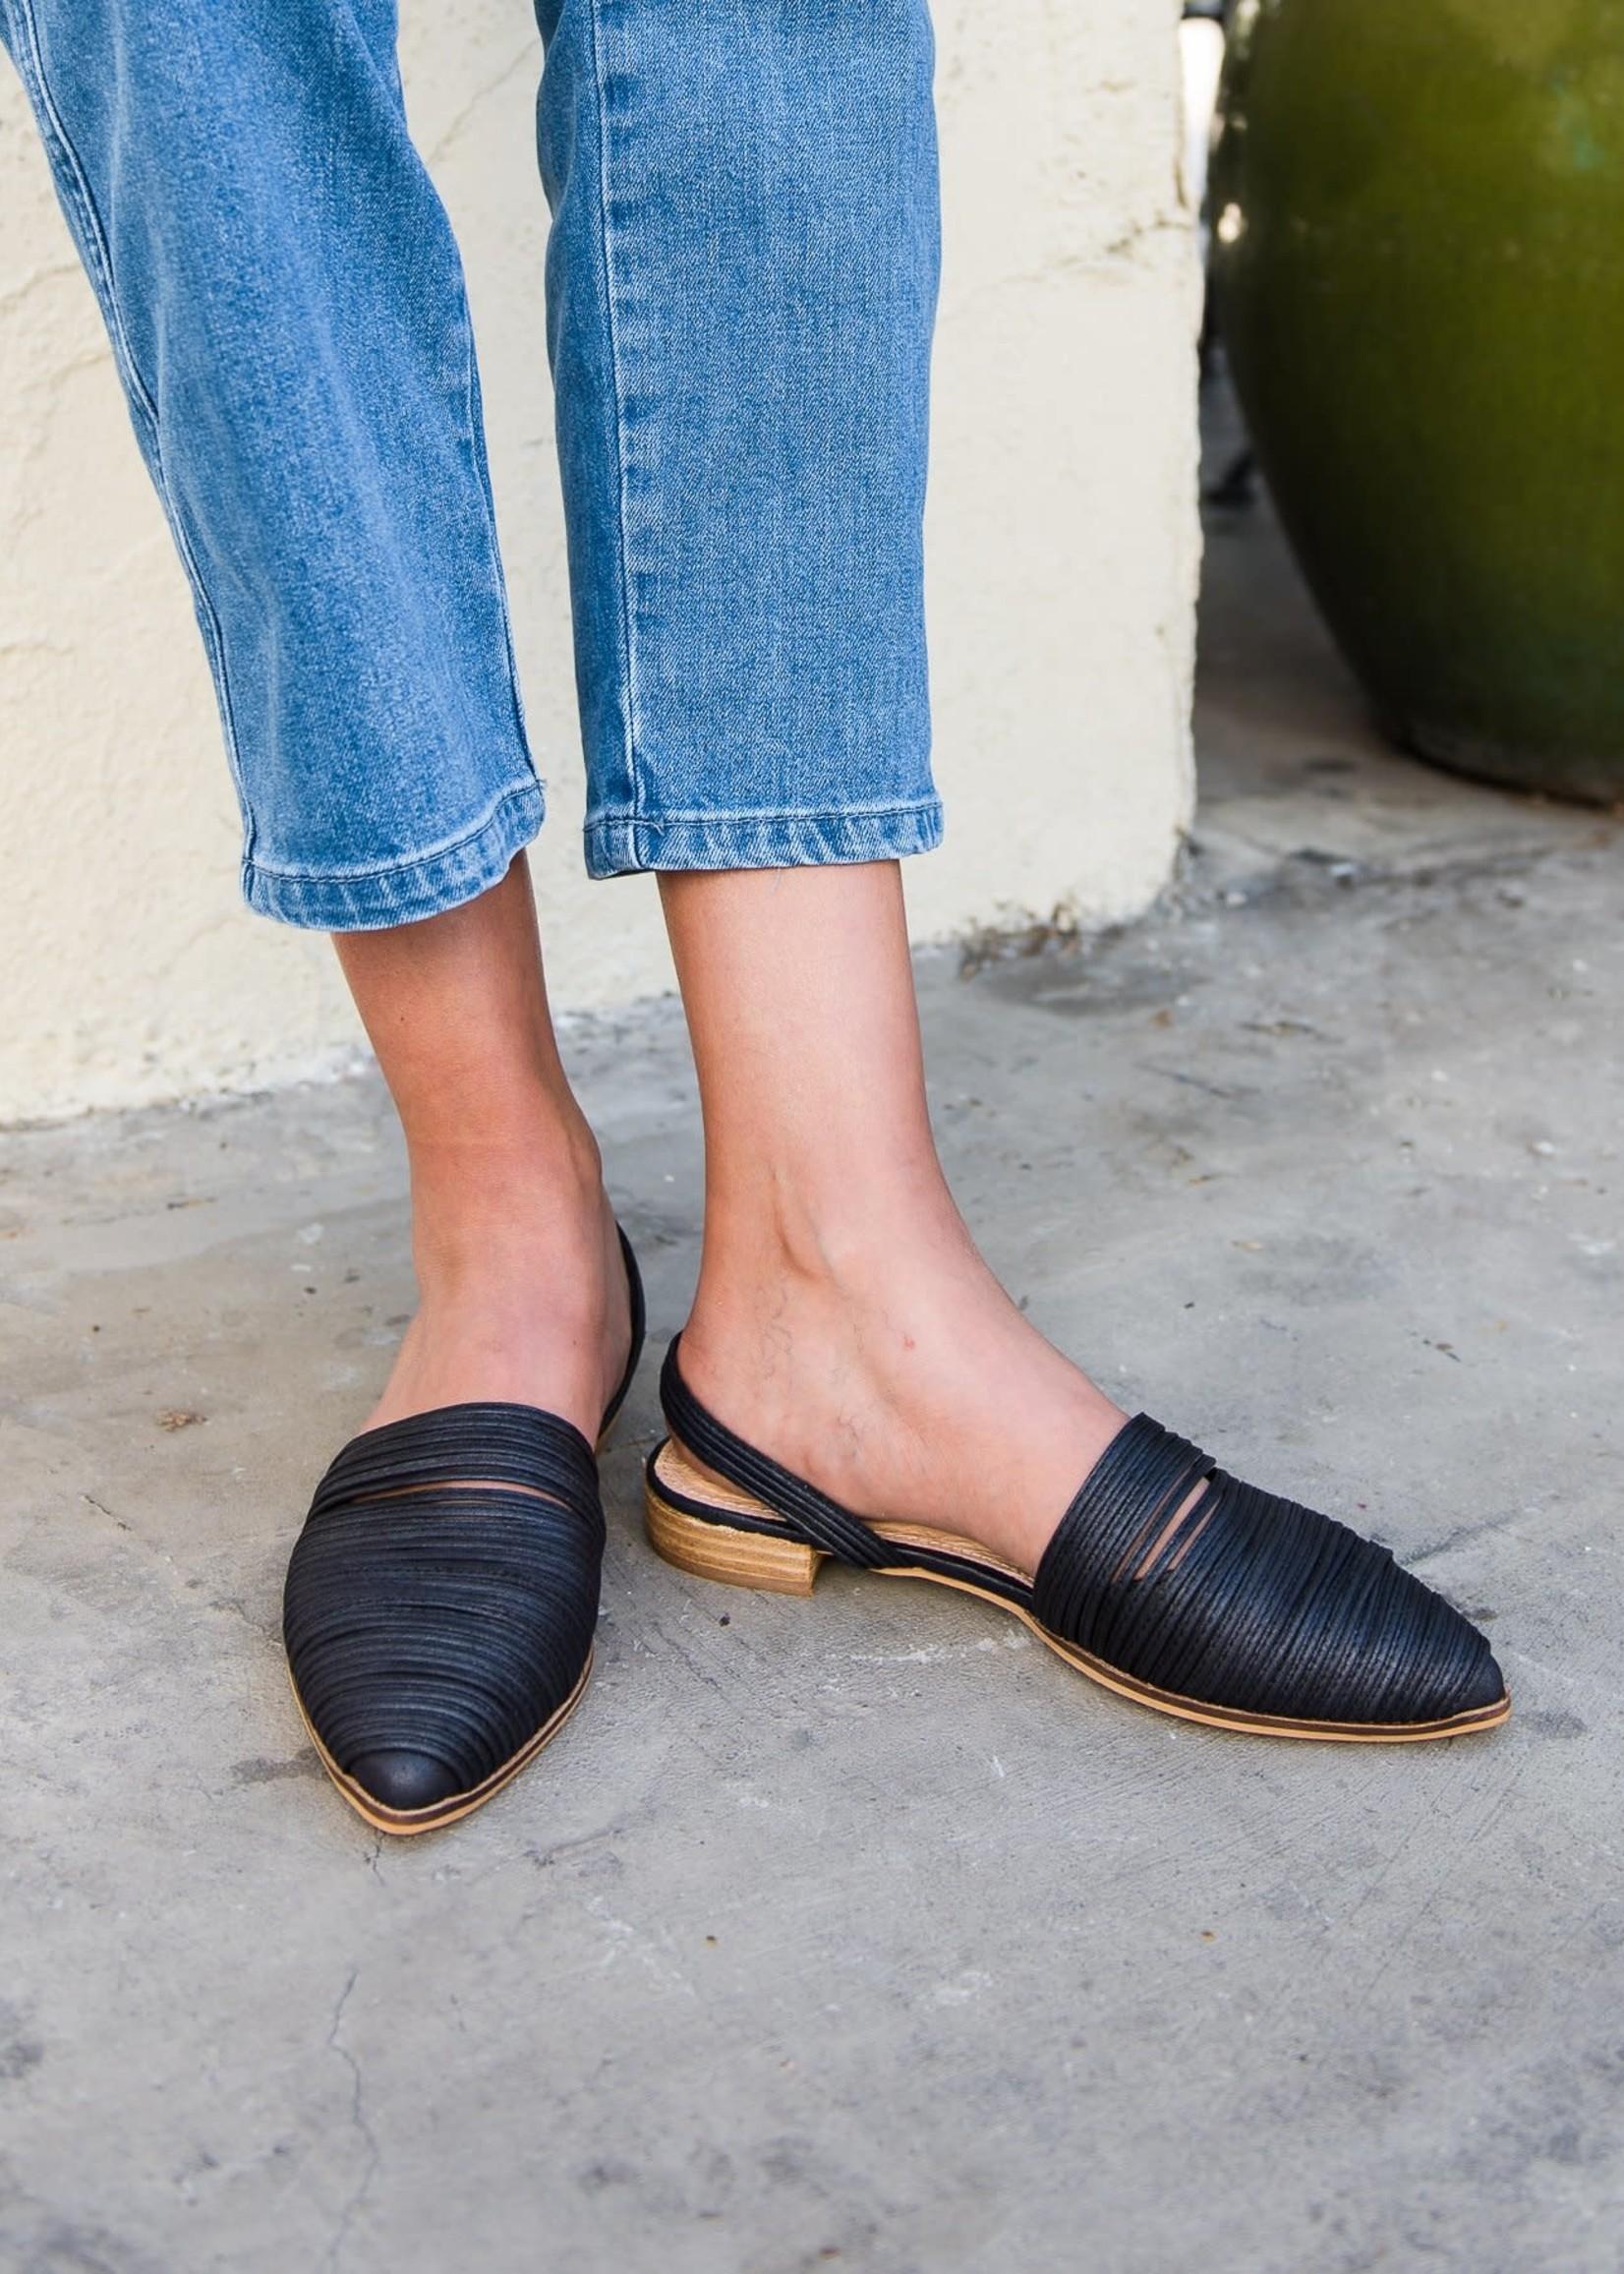 Mi.iM footwear Sydney Slingback